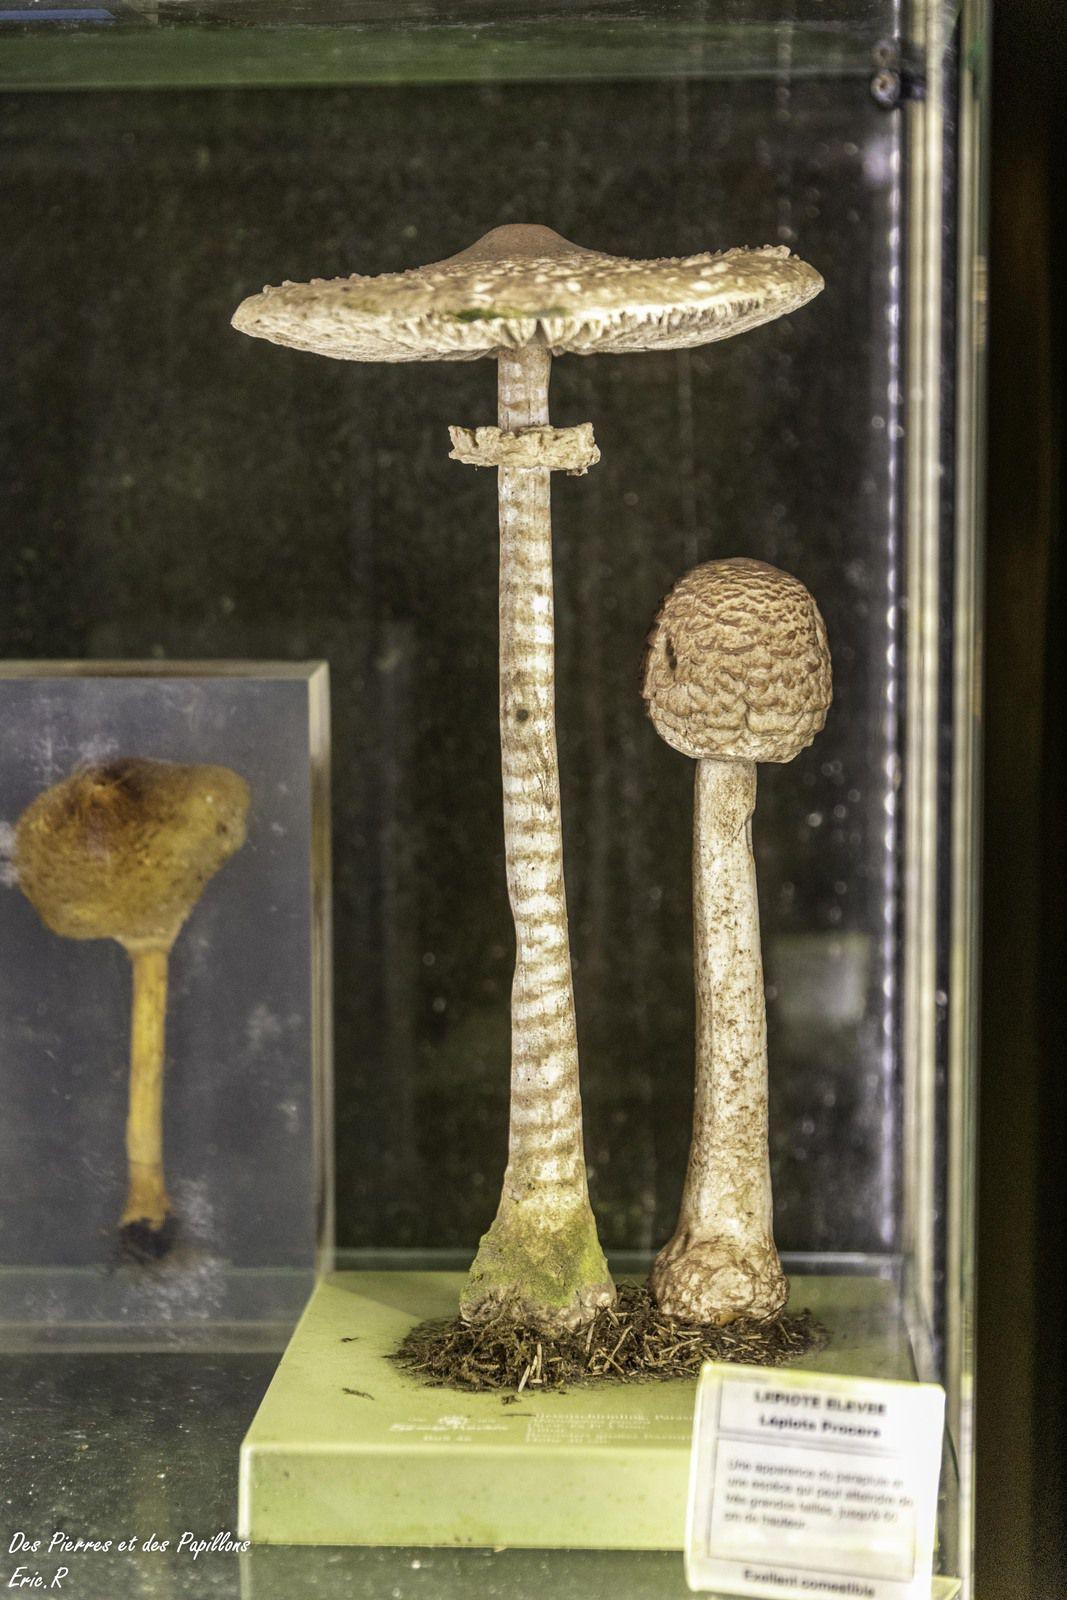 Quelques exemples de champignons présentés dans des vitrines.